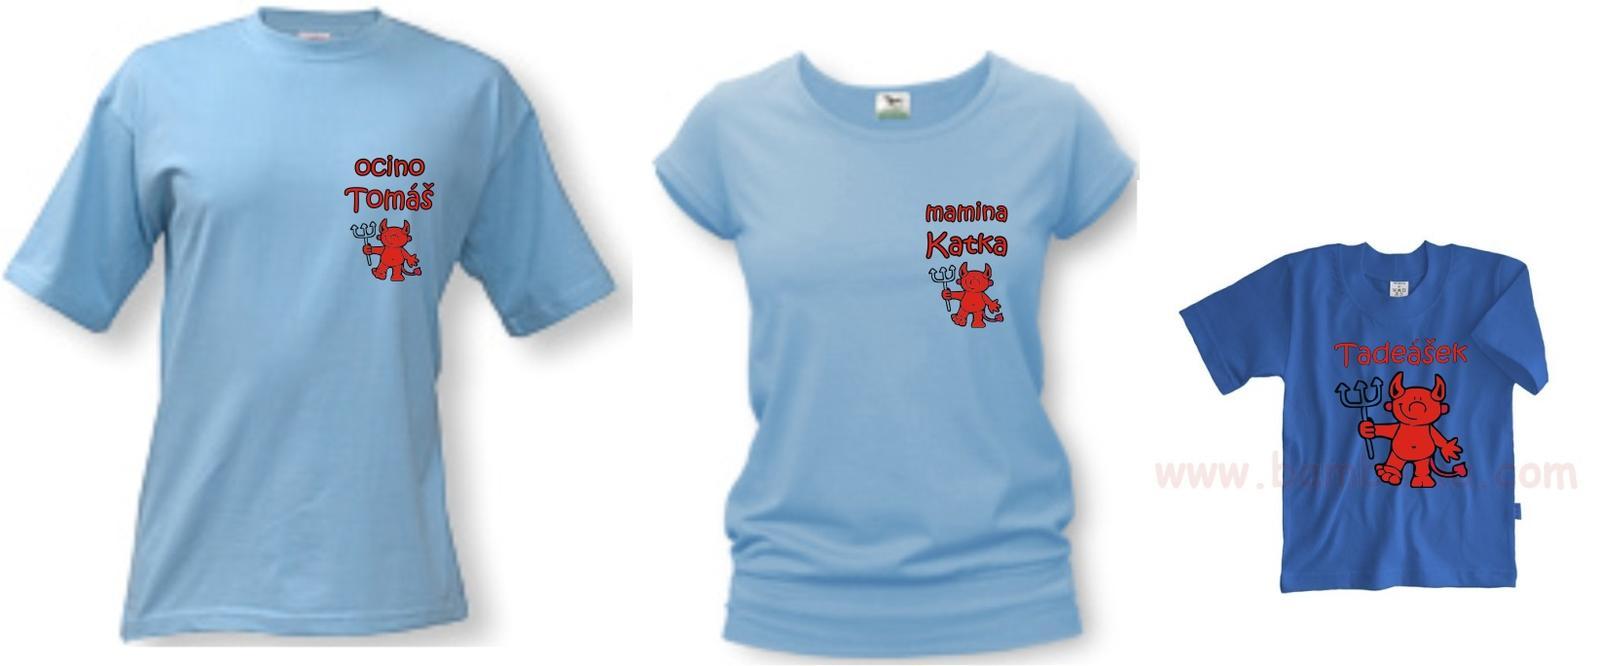 Pripravený a nachystaný - spoločné tričká... všetci rovnaký... :D